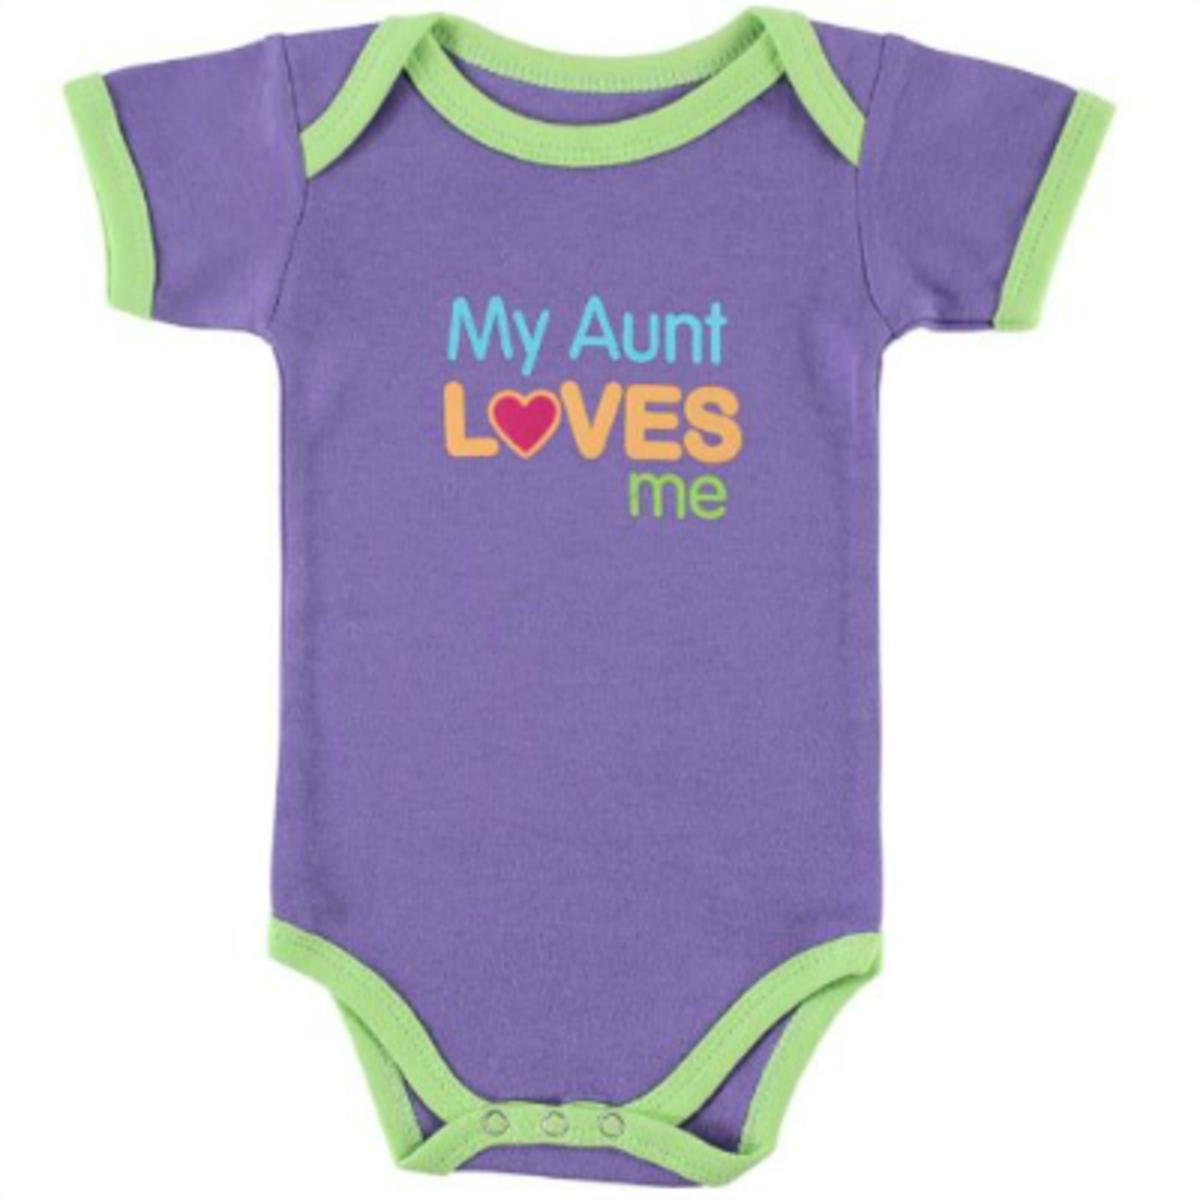 Baby Sayings Bodysuit - My Aunt Loves Me